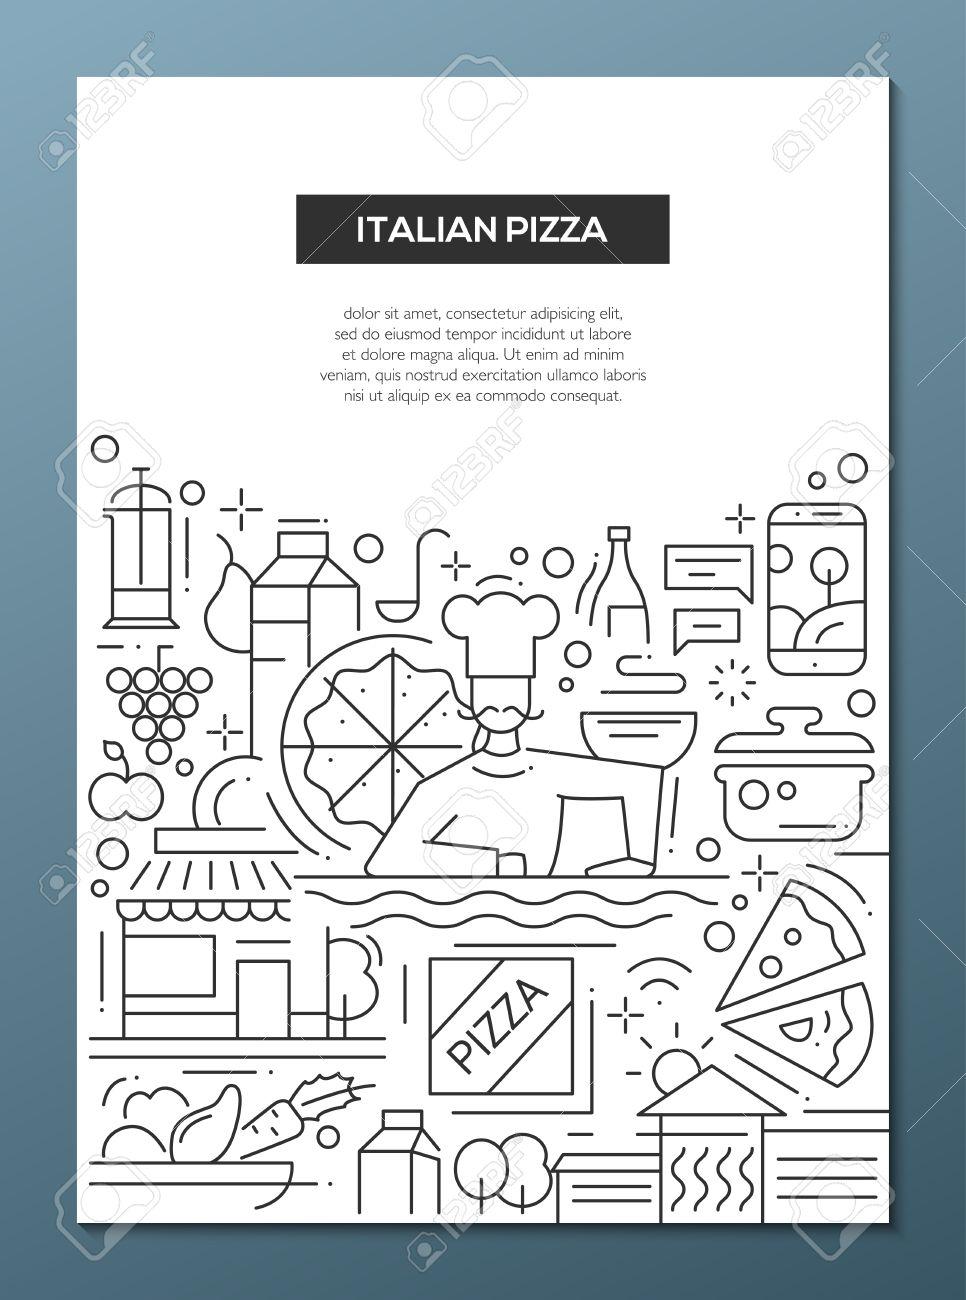 Pizza Italiana - Linea Vettoriale Manifesto Design Brochure, Flyer ...